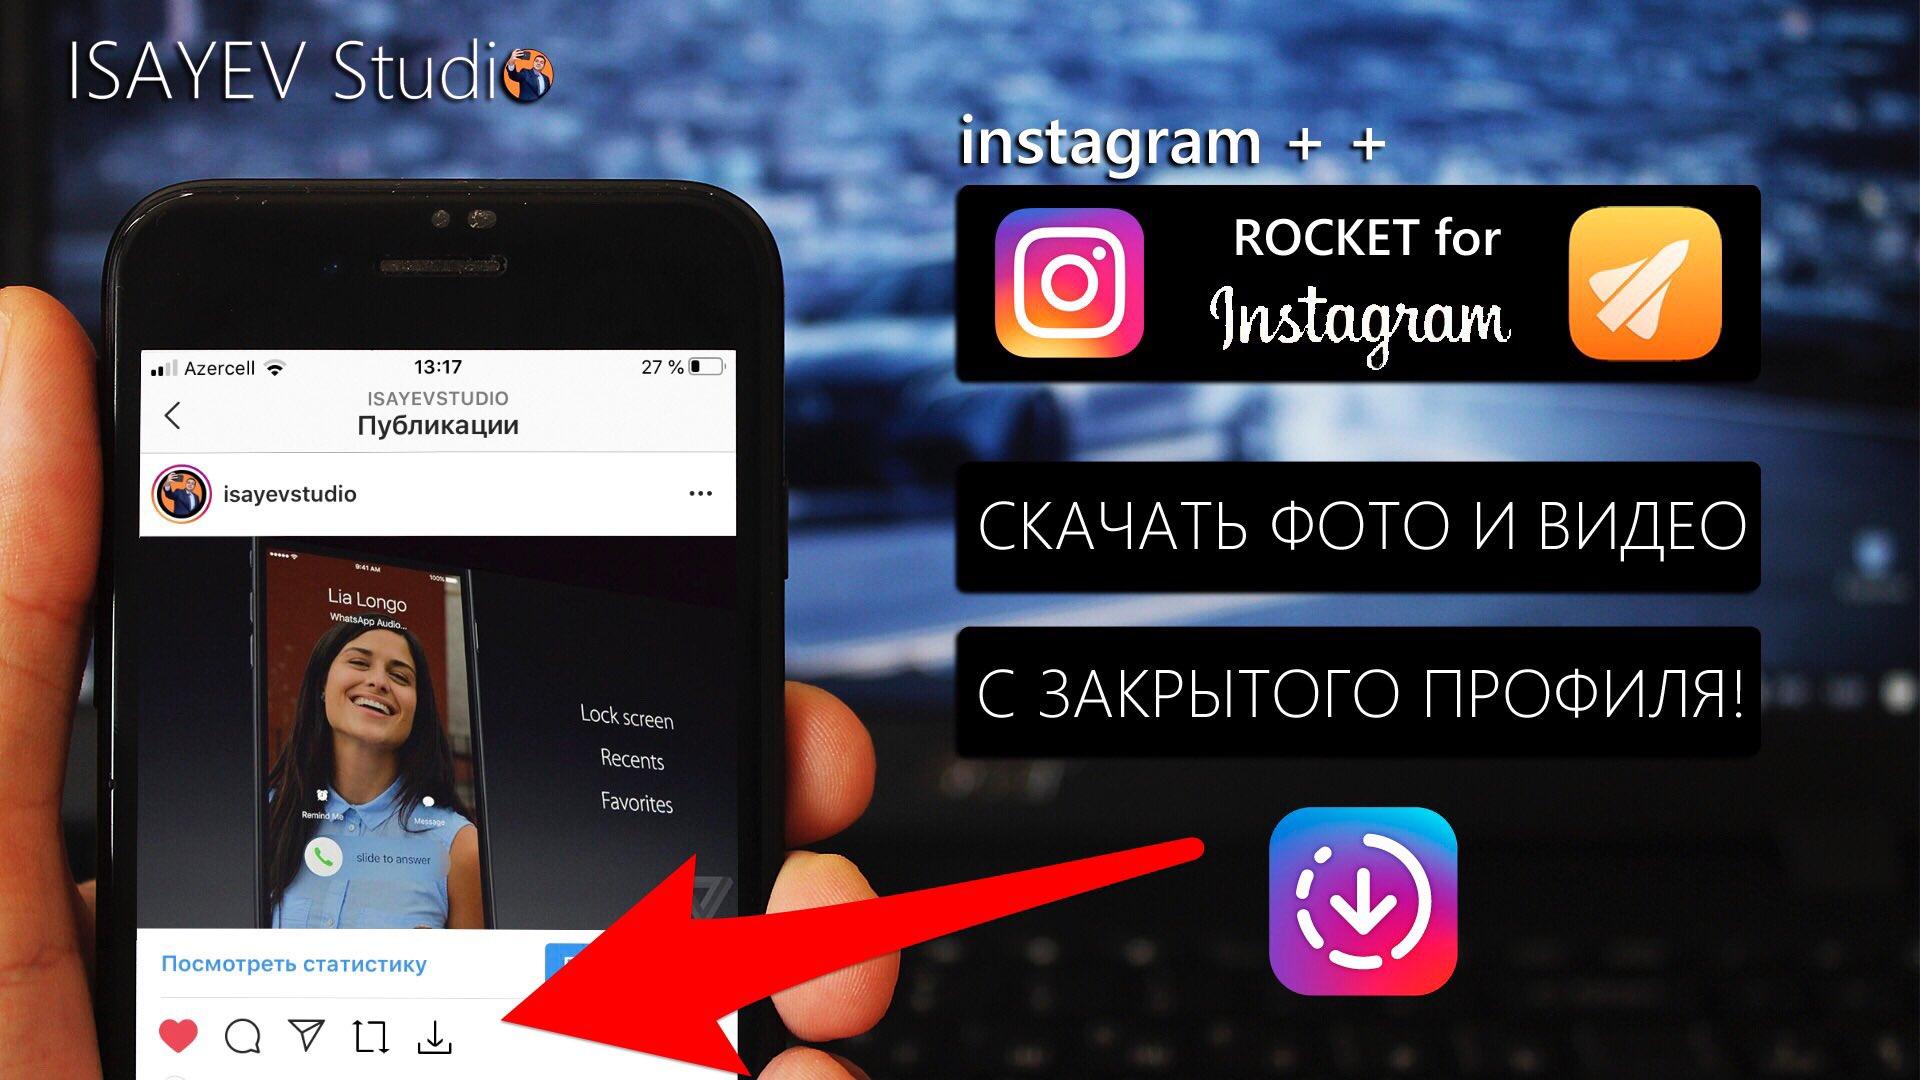 приложение для скачивания фото с инстаграма айфон хитрость для